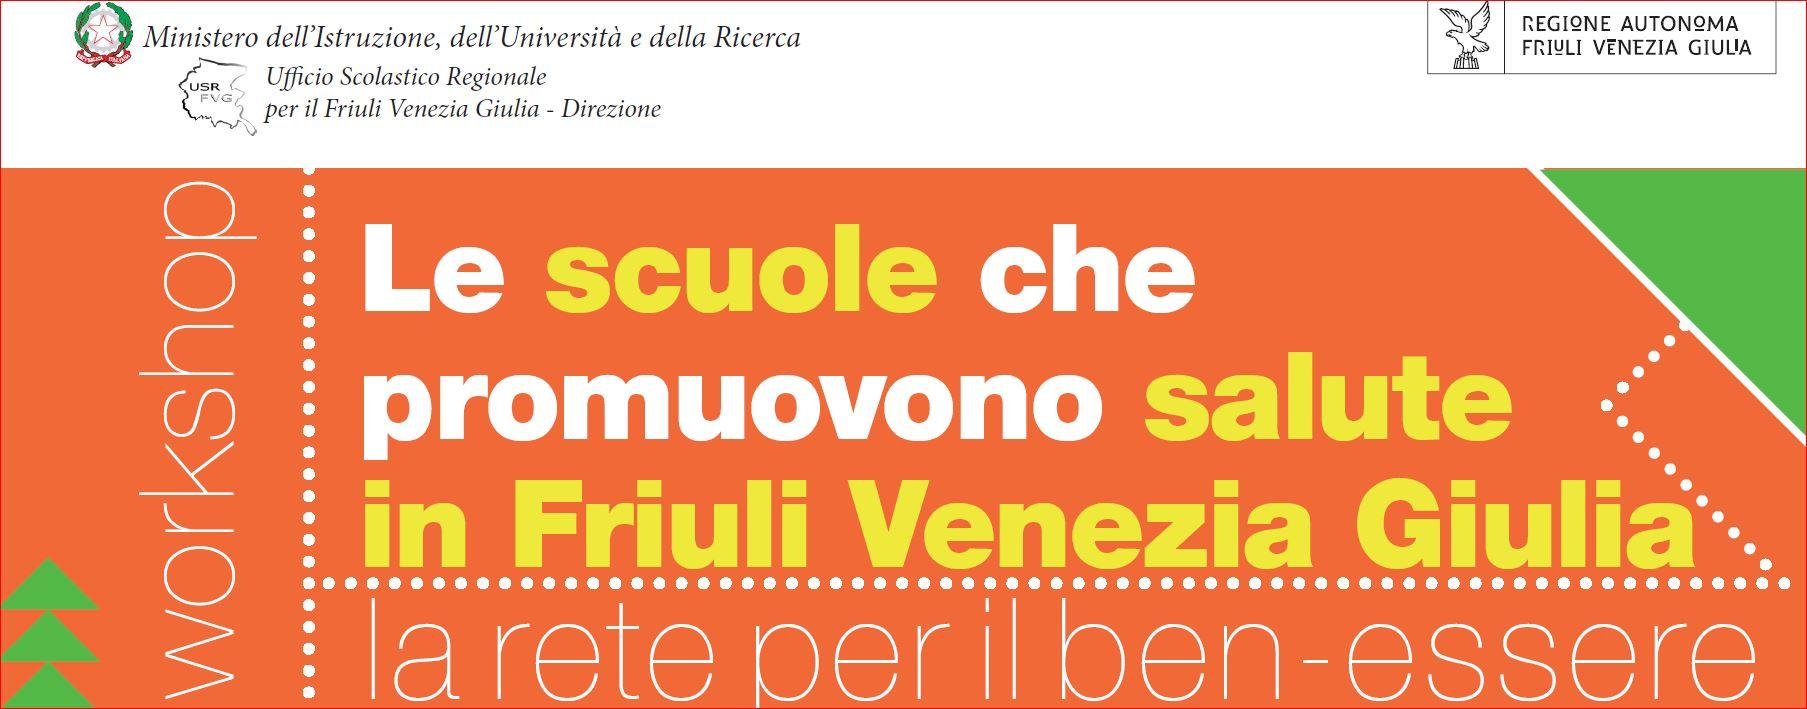 Regione Autonoma Friuli Venezia Giulia Eventi